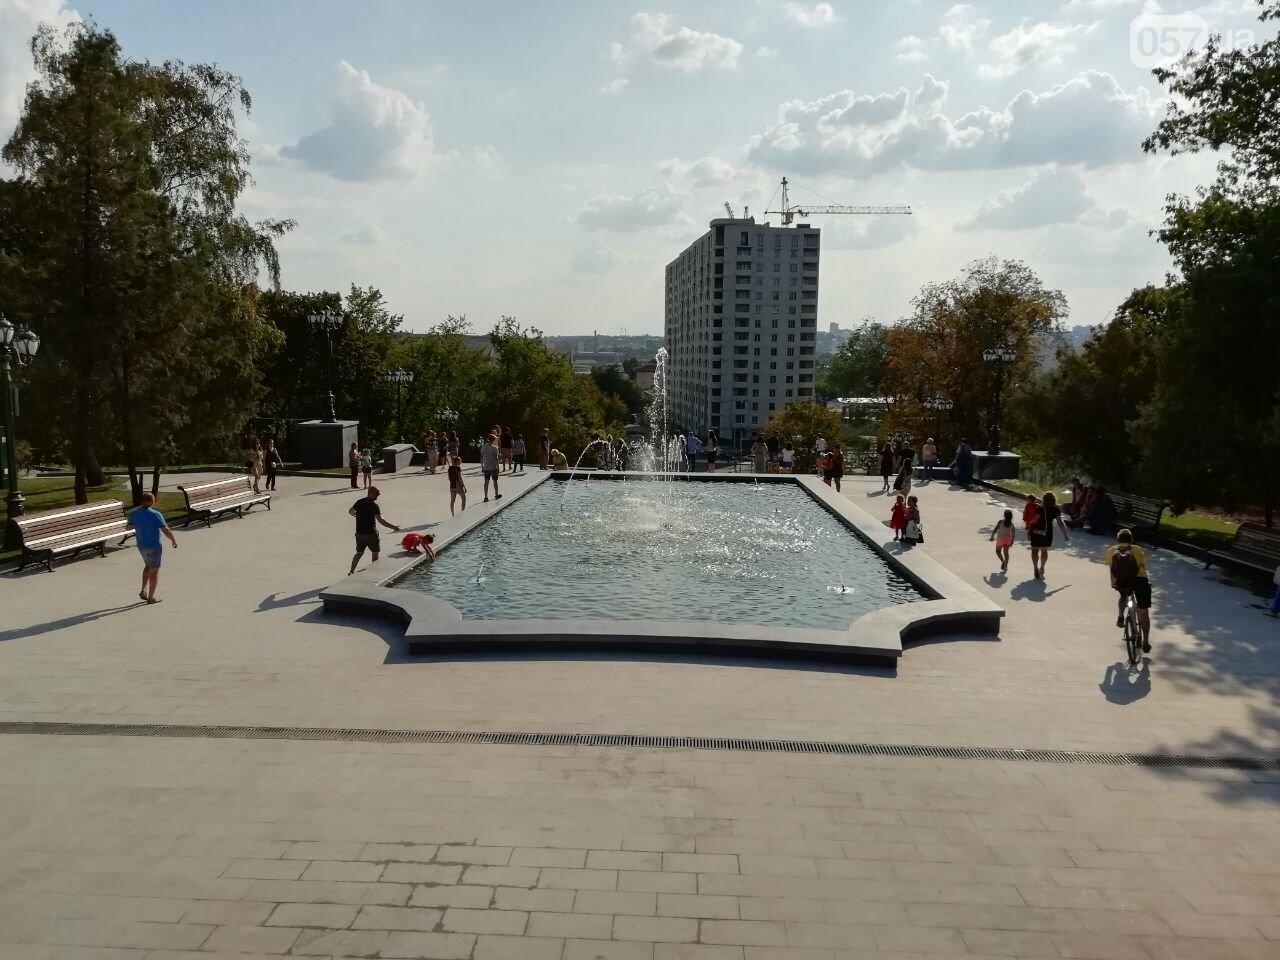 В центре Харькова появился новый фонтан и «Каскад» после реконструкции, - ФОТО, фото-8